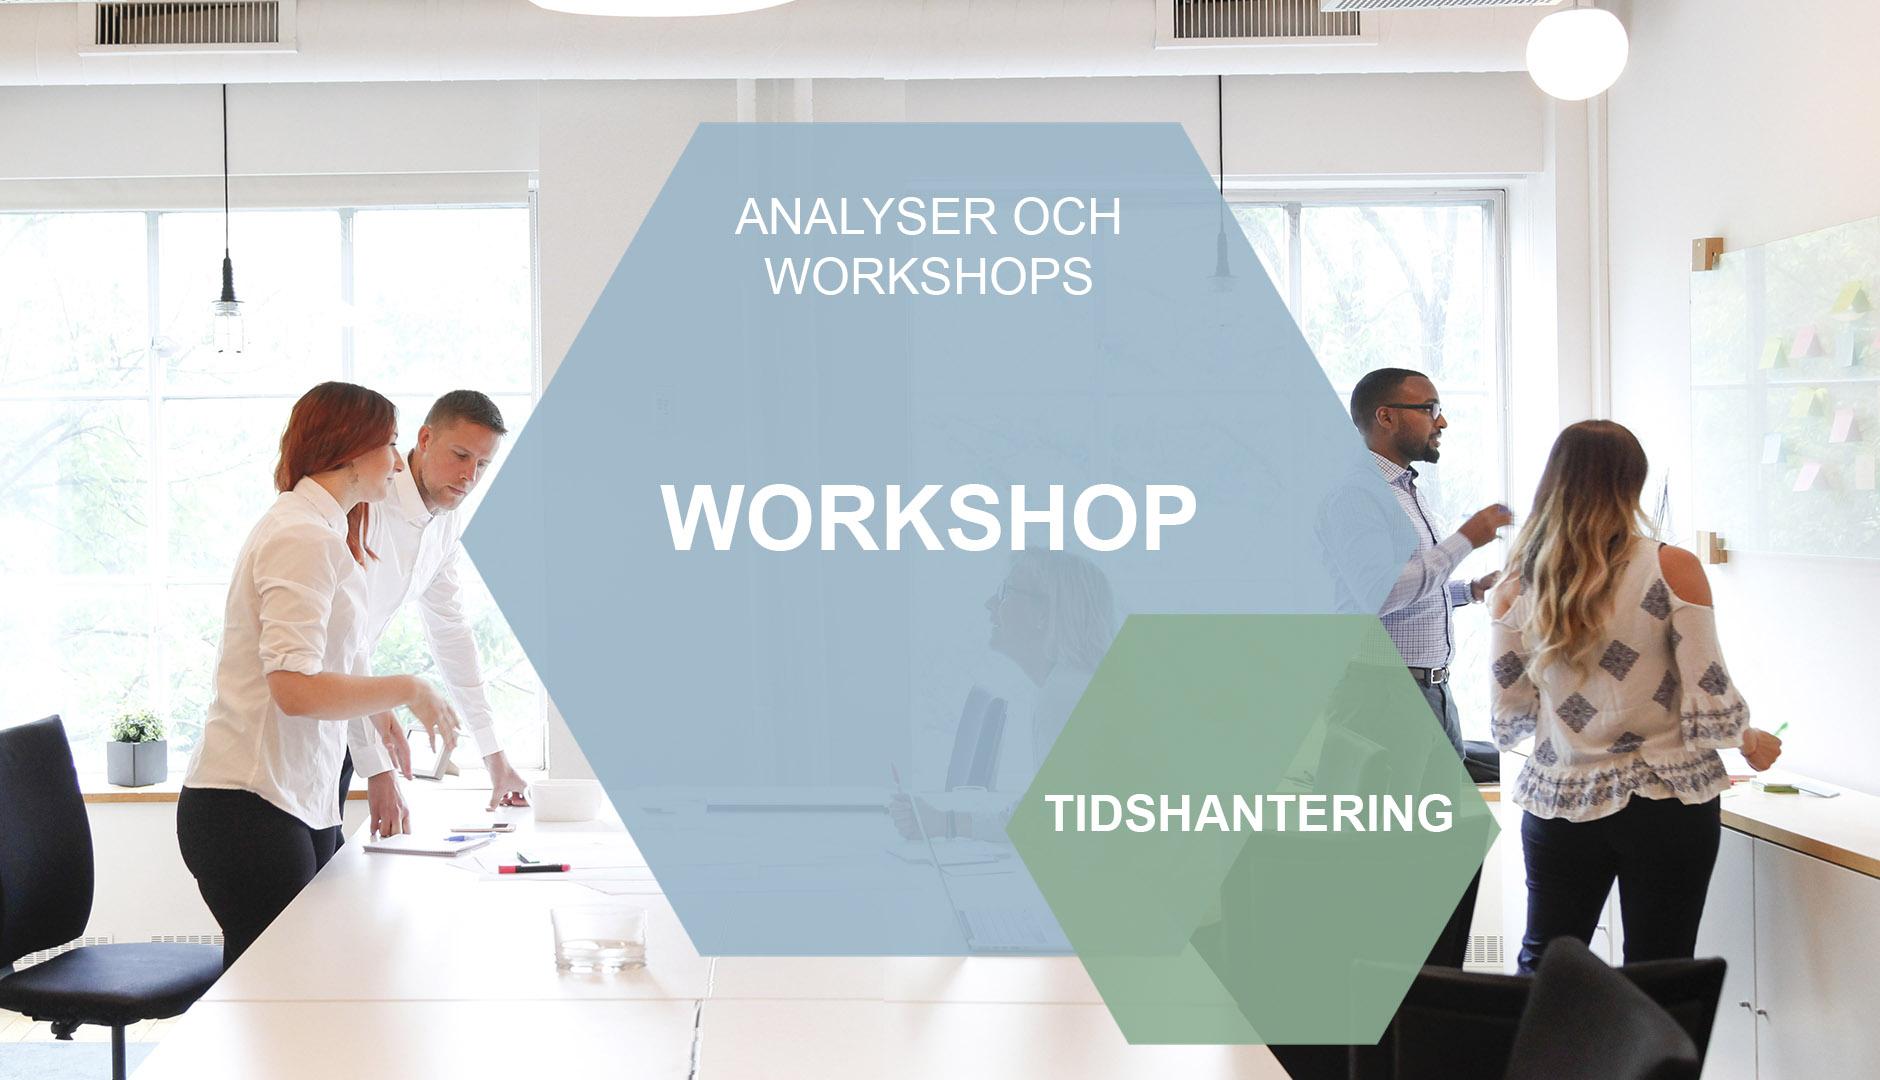 Tidshantering workshop i hexagon mot bakgrund av människor som workshoppar